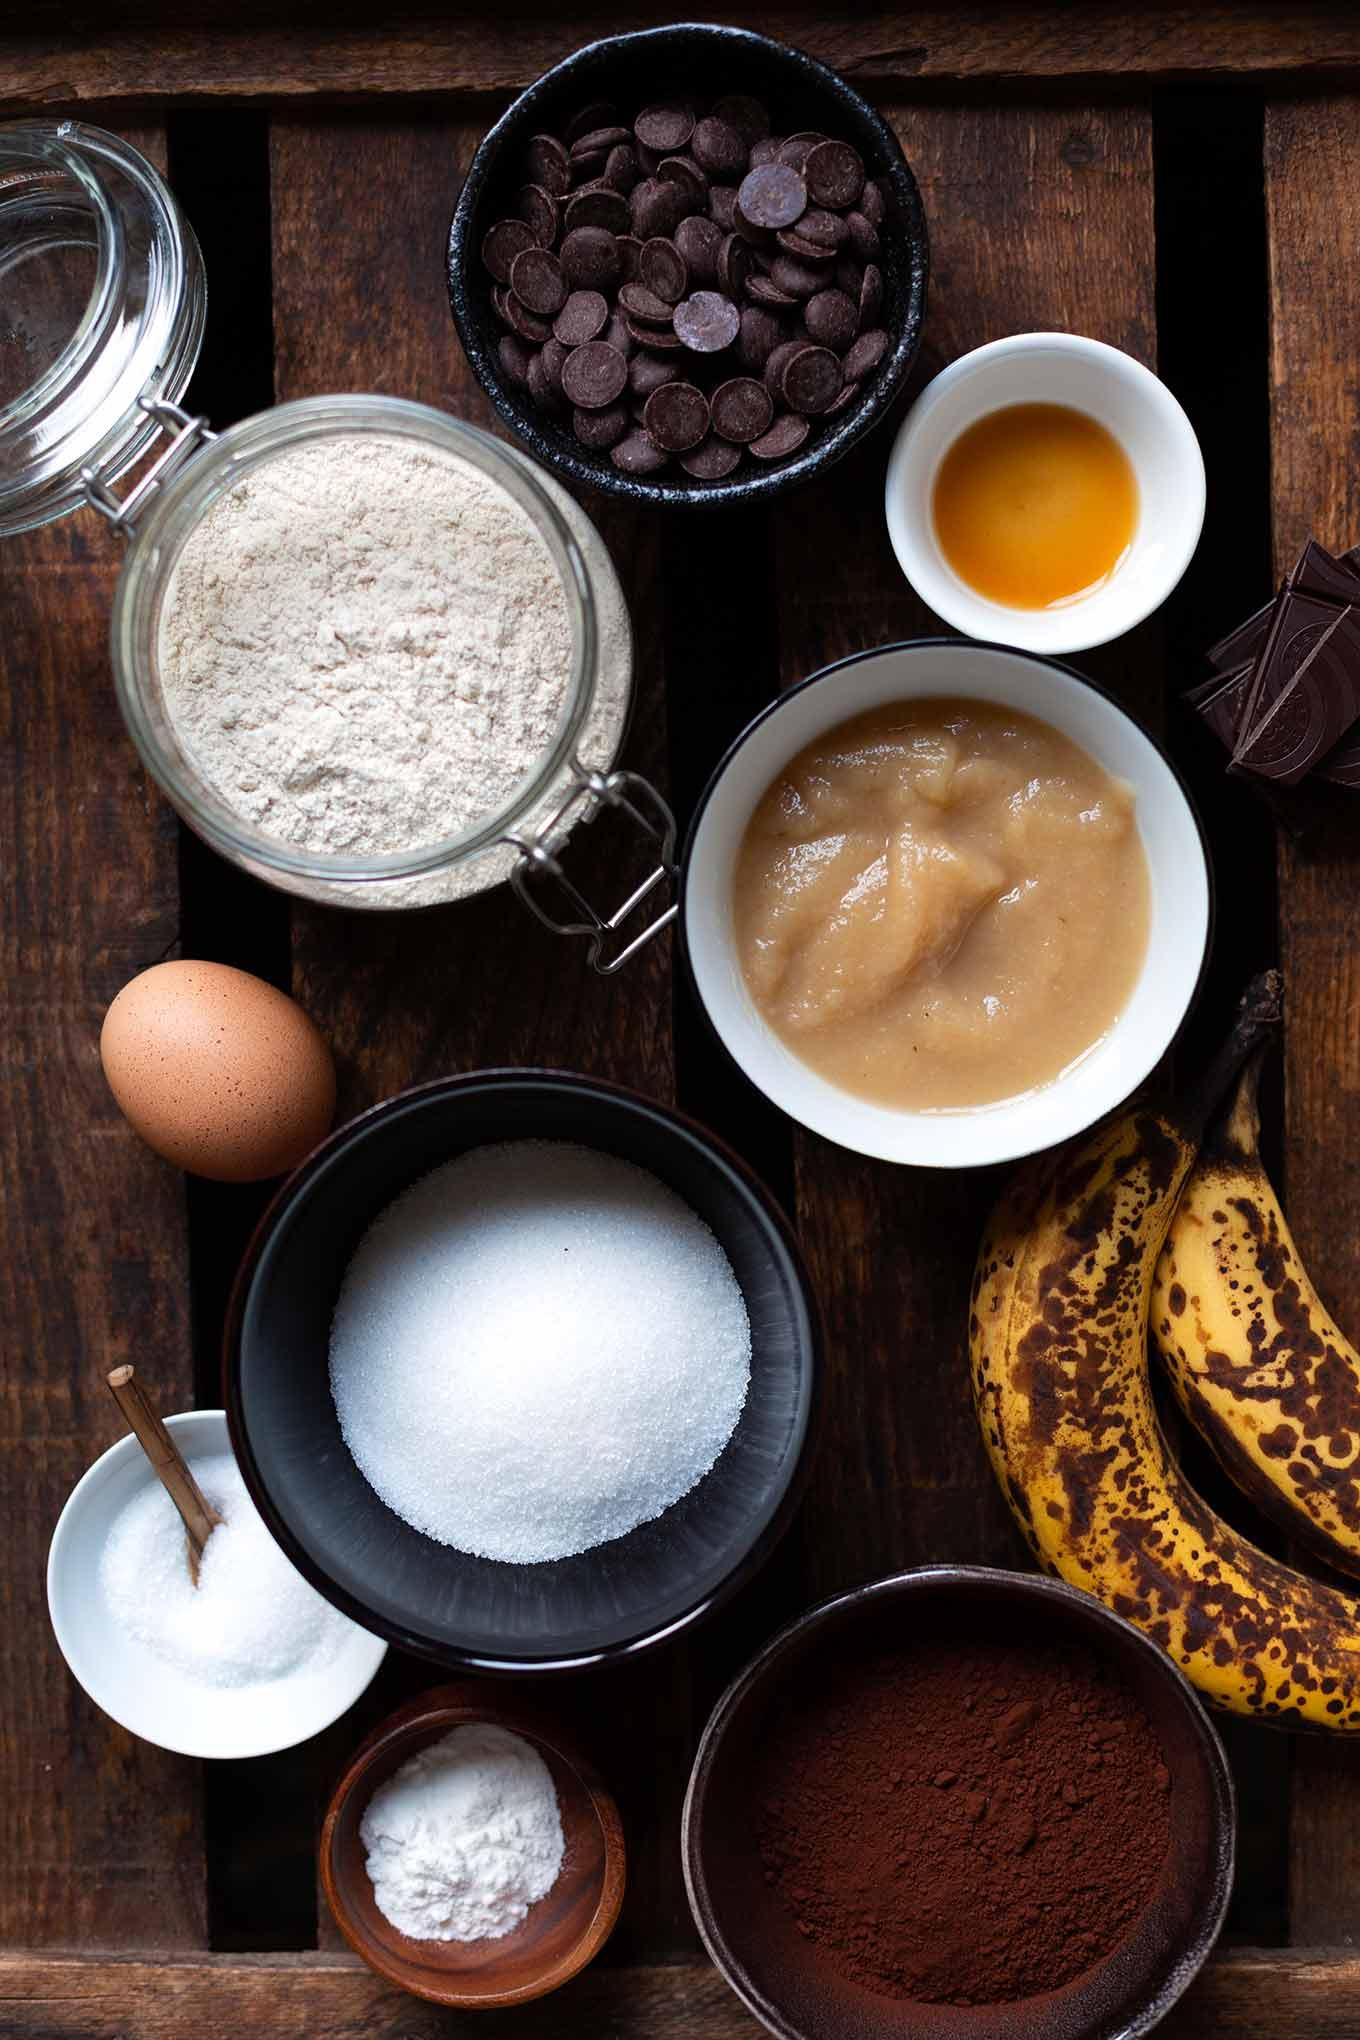 Das Double Chocolate Banana Bread ist schokoladig, saftig und mit vollem Bananengeschmack. Perfekt, um reife Bananen aufzubrauchen und für Schokoholics - Kochkarussell Foodblog #bananenbrot #bananabread #schokolade